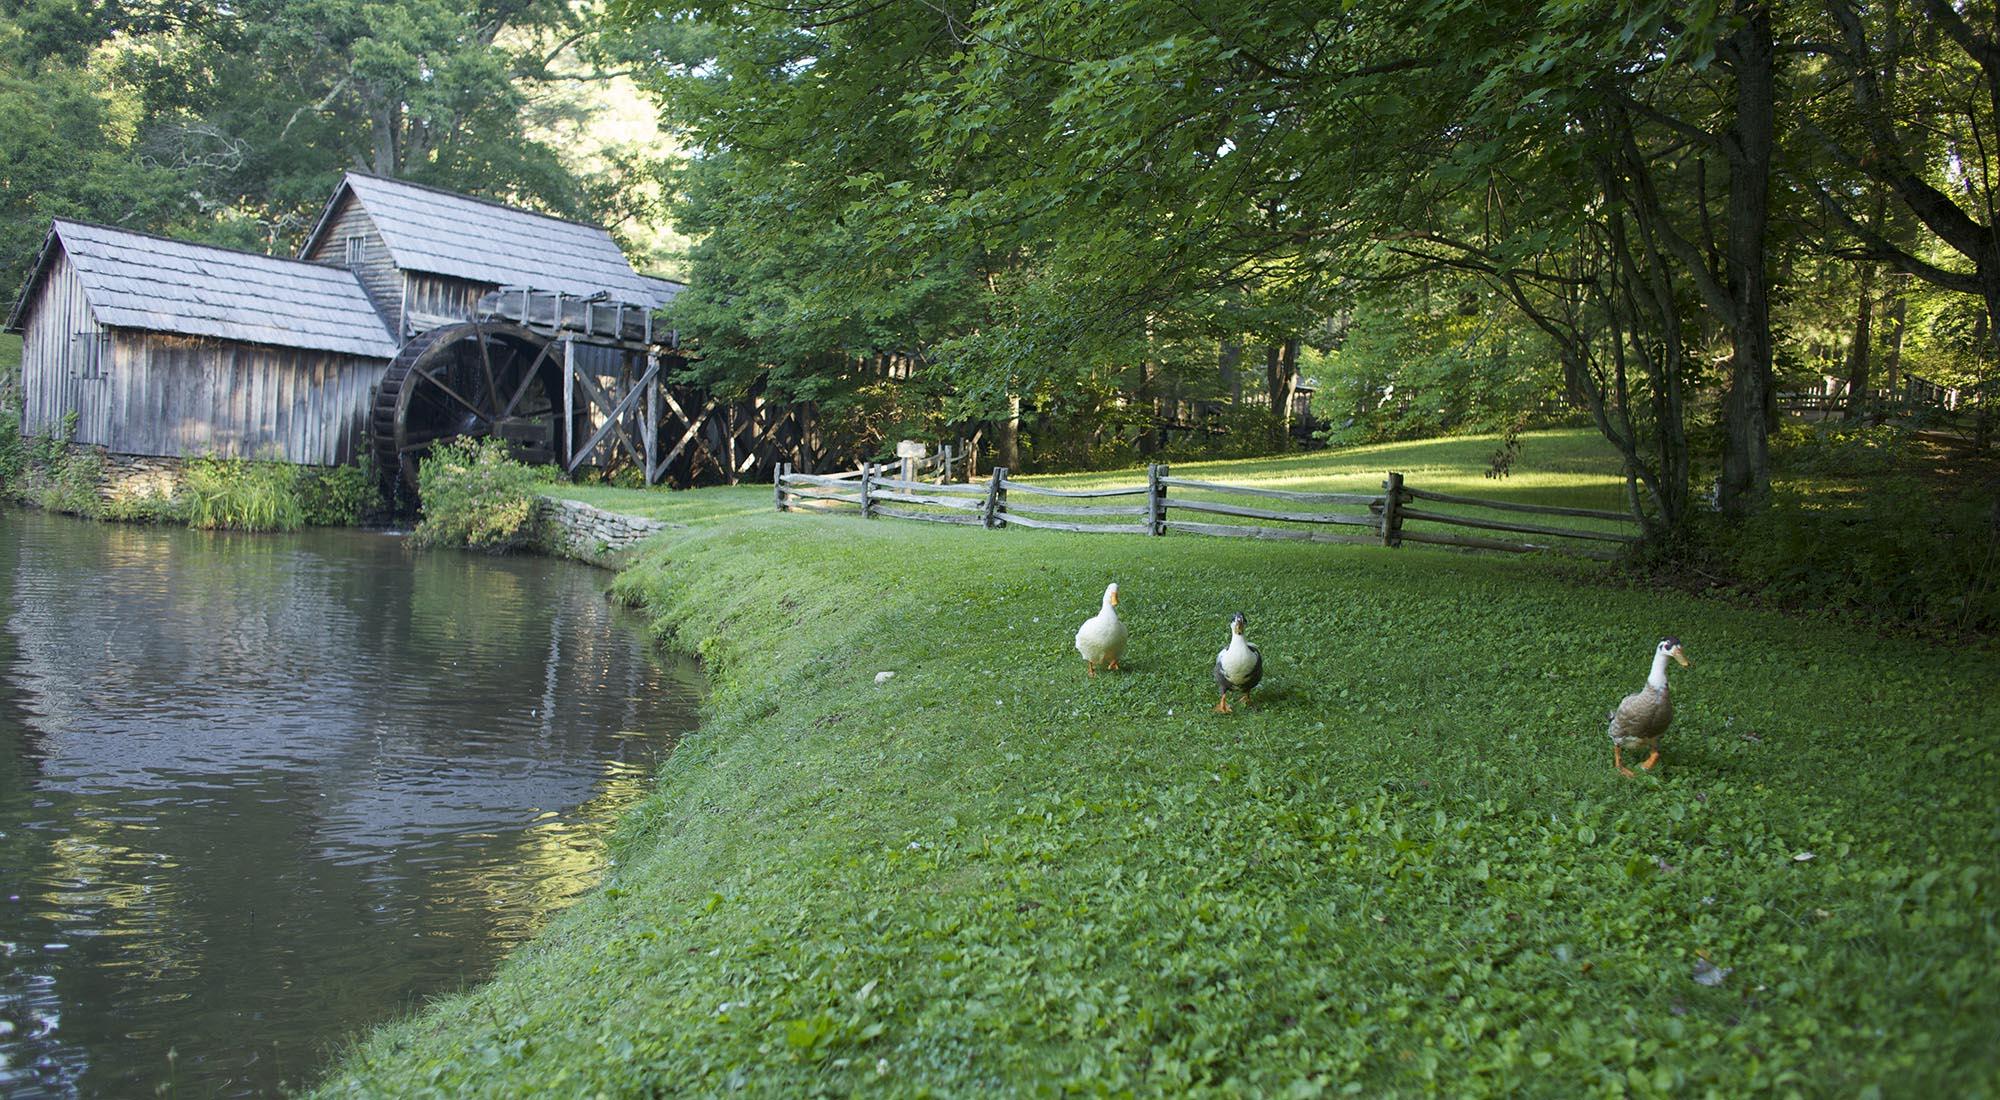 Mabry Mill. Photo by CameronDavidson@CameronDavidson.com.